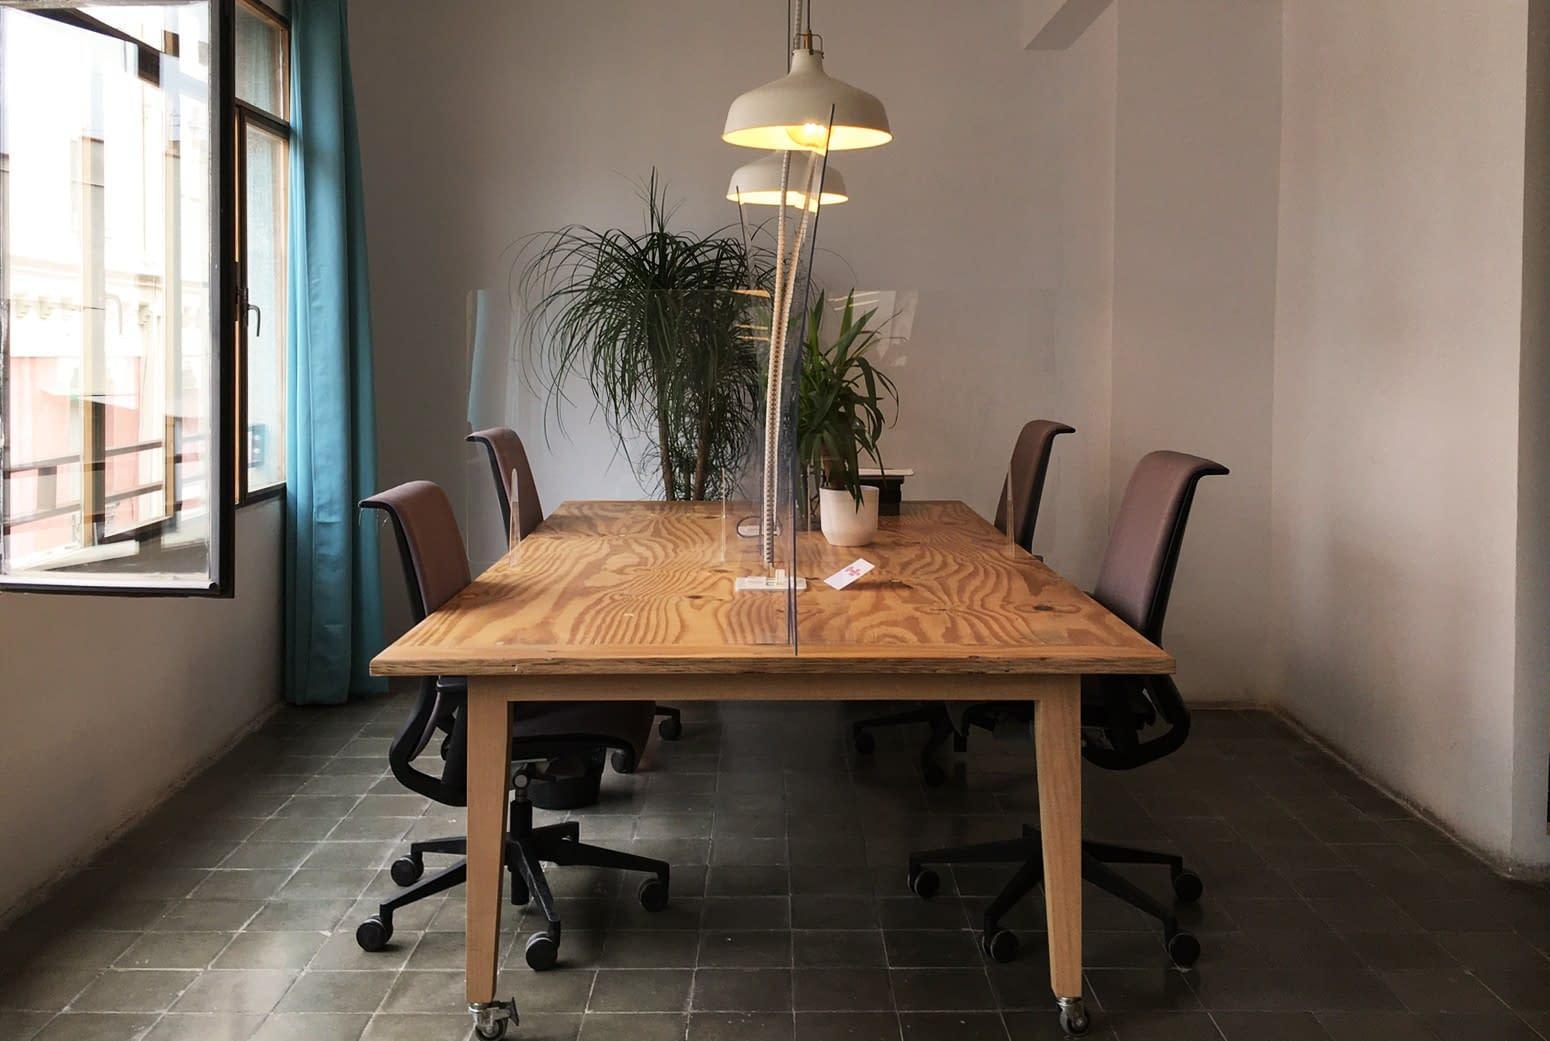 betahaus-coworking-meetingroom